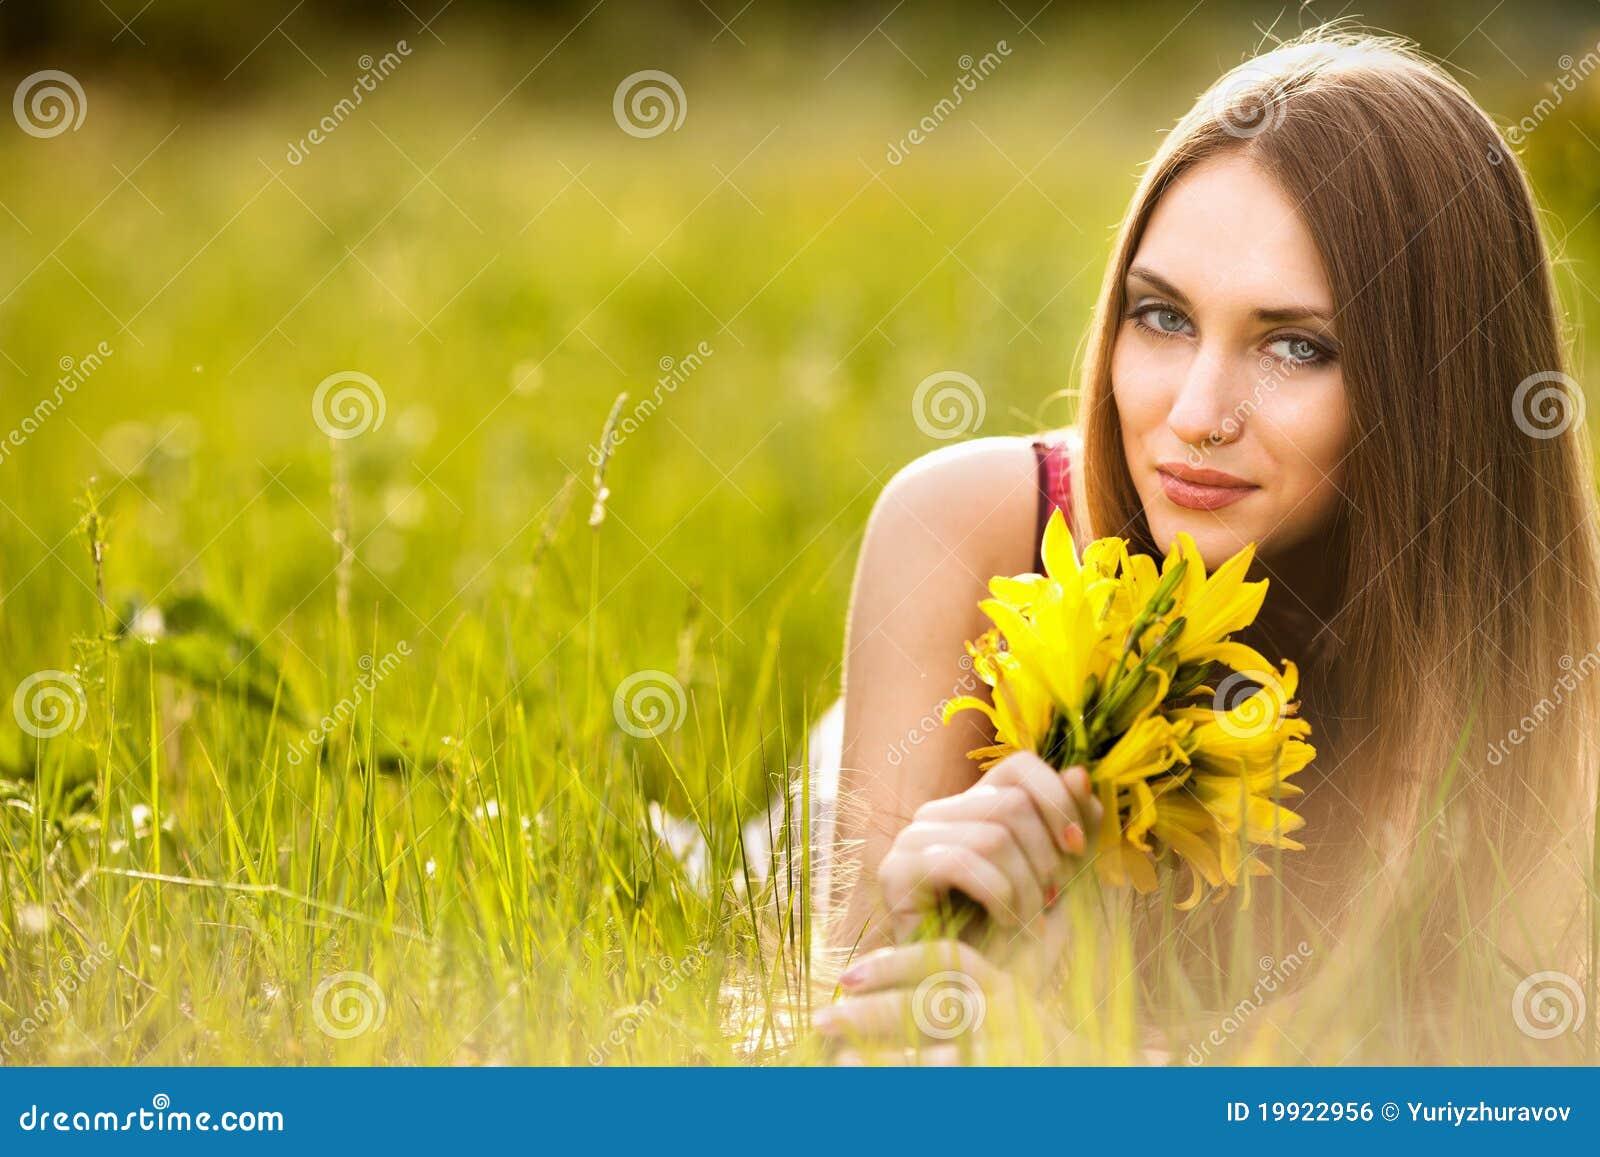 Спокойные деревенские женщины 13 фотография